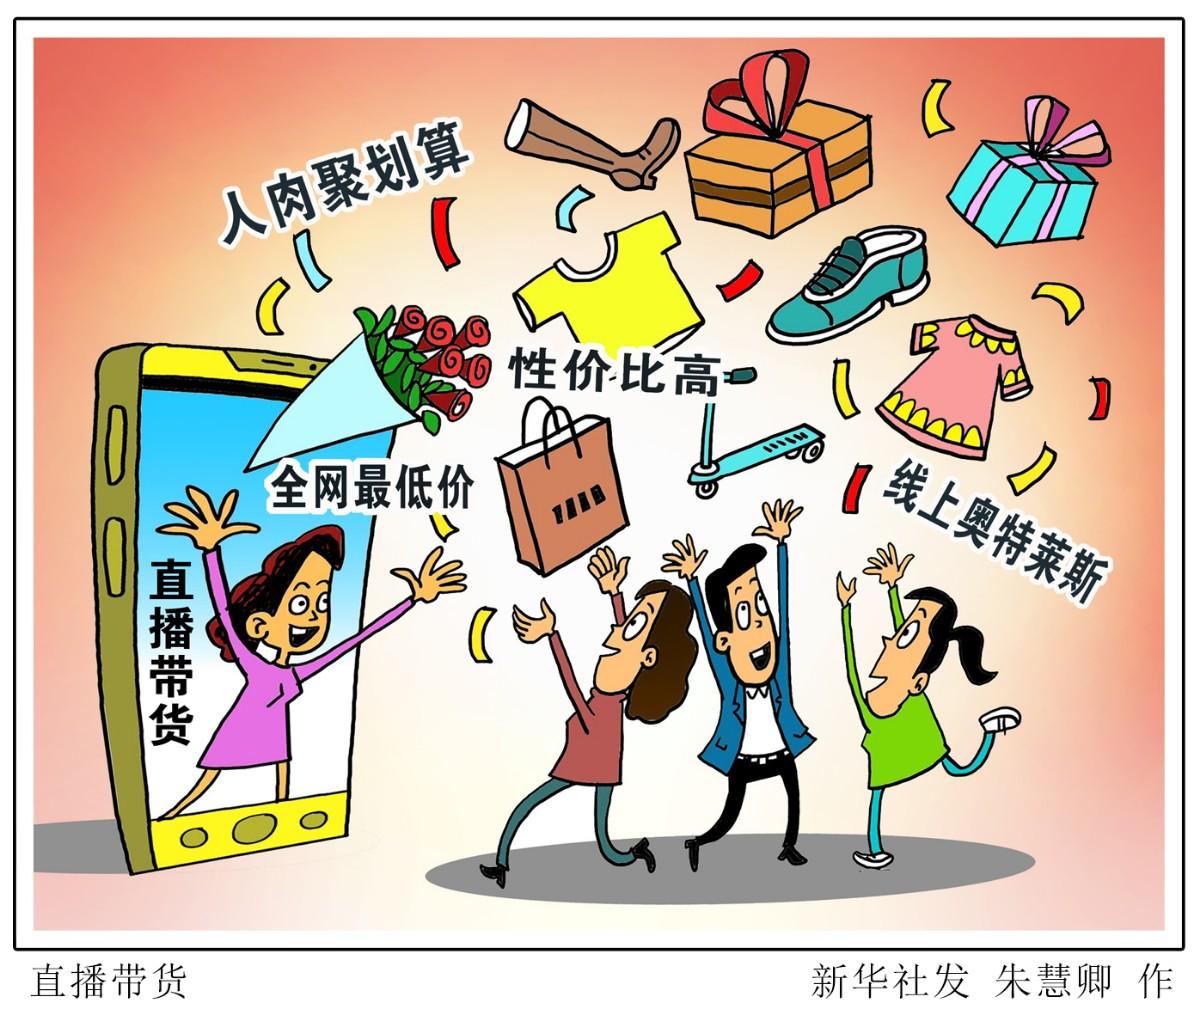 辉煌娱乐场乐官方网_中国女排联赛开幕直播预告,朱婷回归外援创纪录,6队激烈争四强